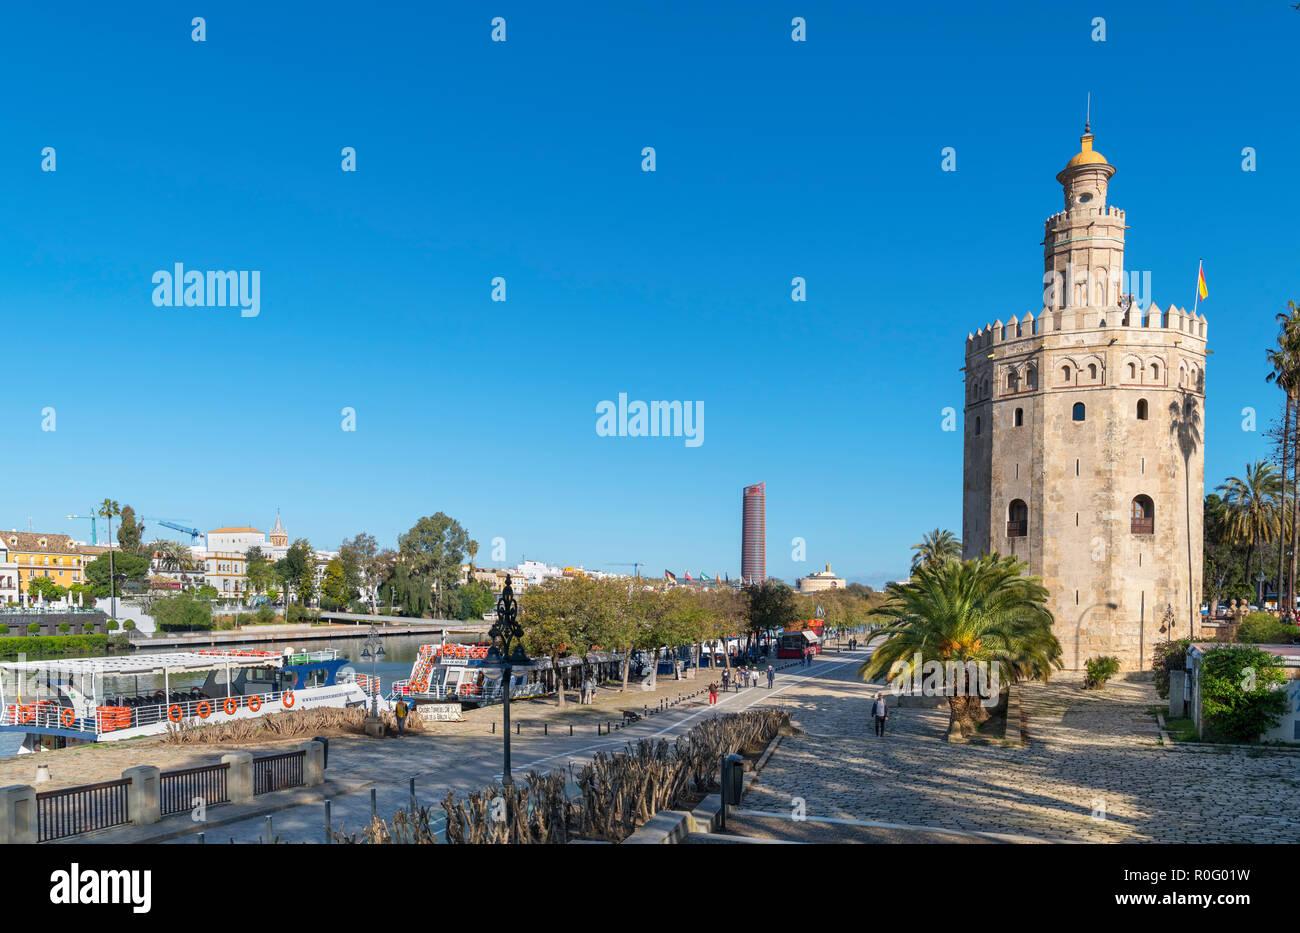 El río Guadalquivir y la Torre del Oro, Sevilla ( Sevilla ), Andalucia, Spain Imagen De Stock